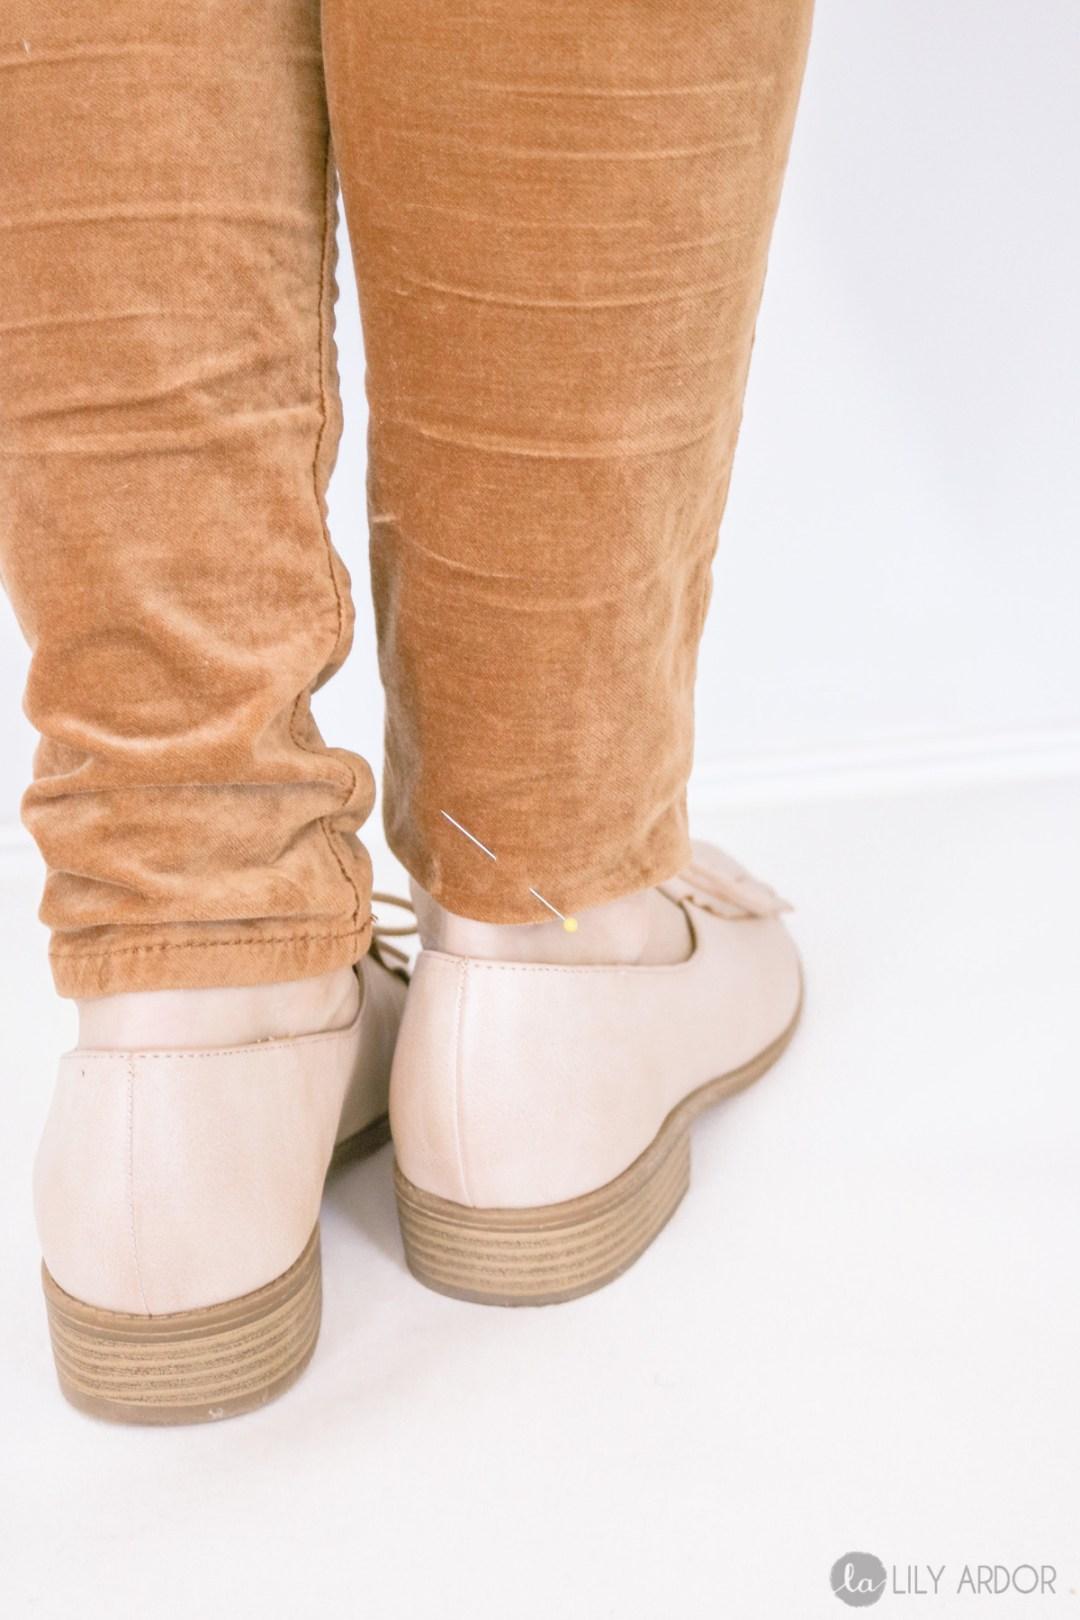 How to hem pants like a pro